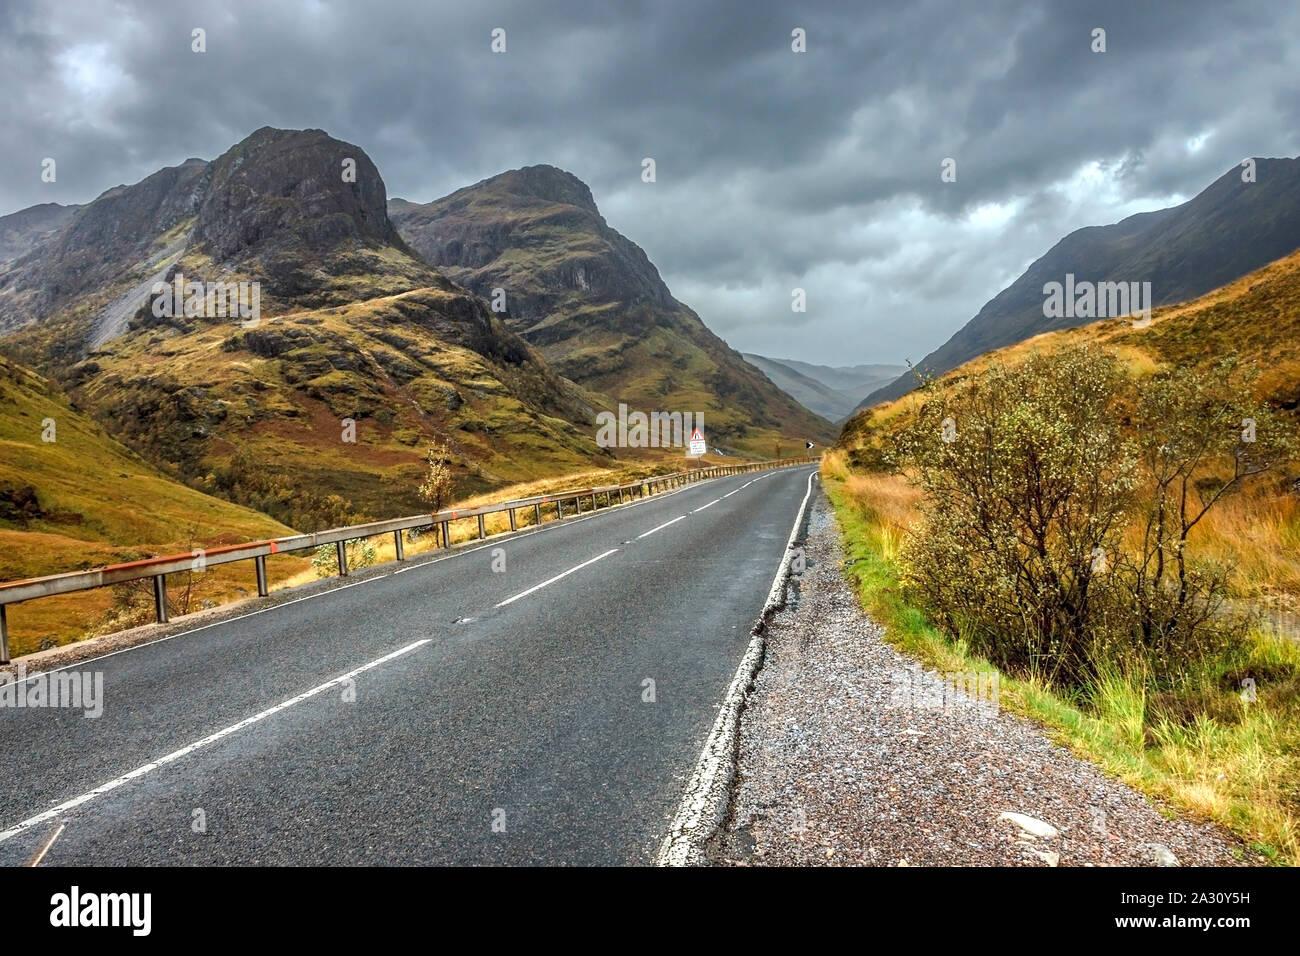 Glencoe e A82 Road. Area di Lochaber nelle Highlands, Scotland, Regno Unito. Highlands scozzesi. Foto Stock